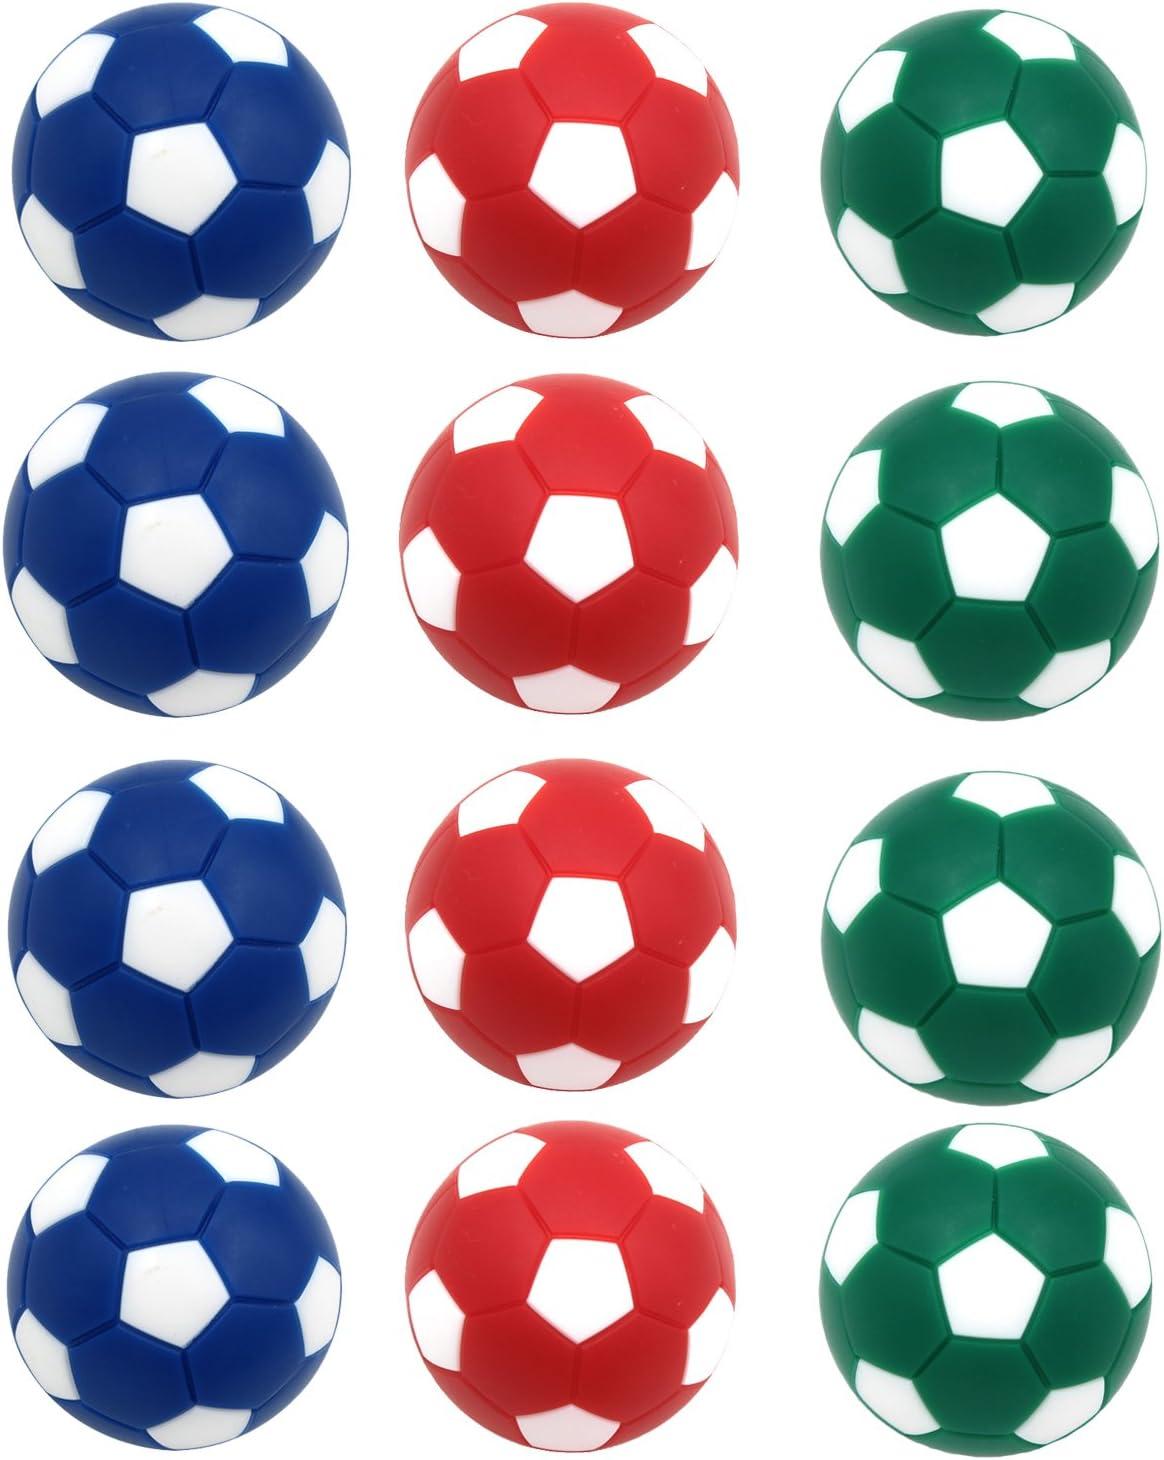 goutoports mesa fútbol Foosballs, 12 Pack pelotas de repuesto, 36 mm Mini Colorful oficial pelota de Juego de mesa, Deep Color Balls: Amazon.es: Deportes y aire libre